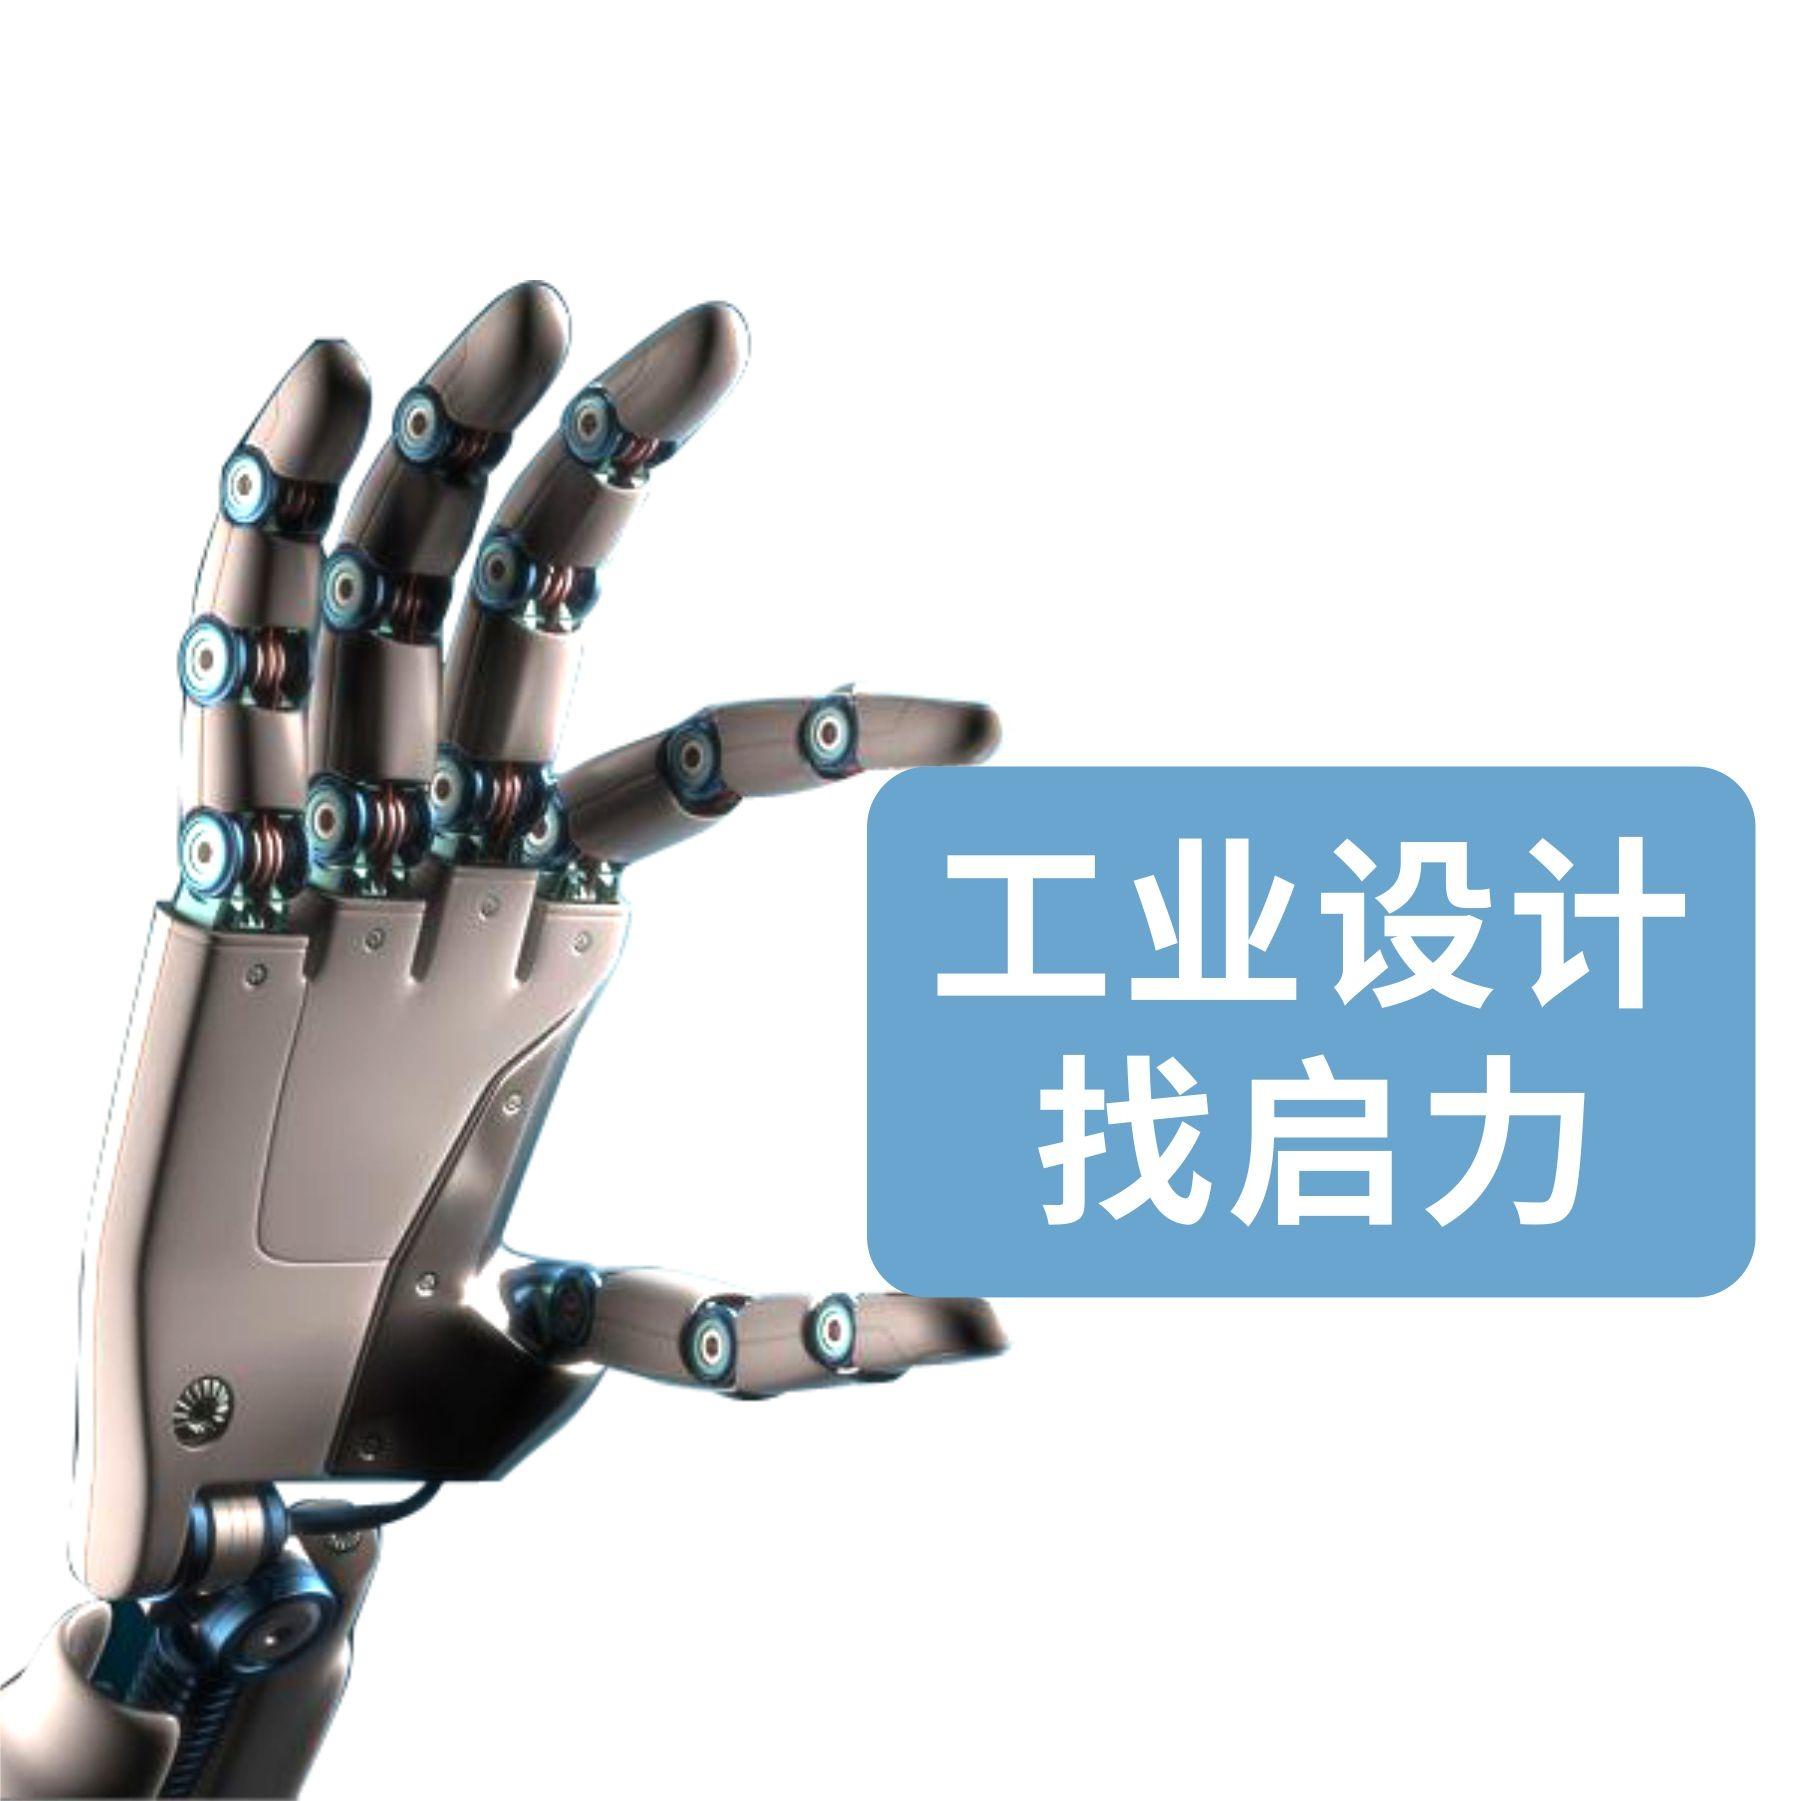 3C数码消费电子产品家电产品医疗产品居家用品3D建模设计